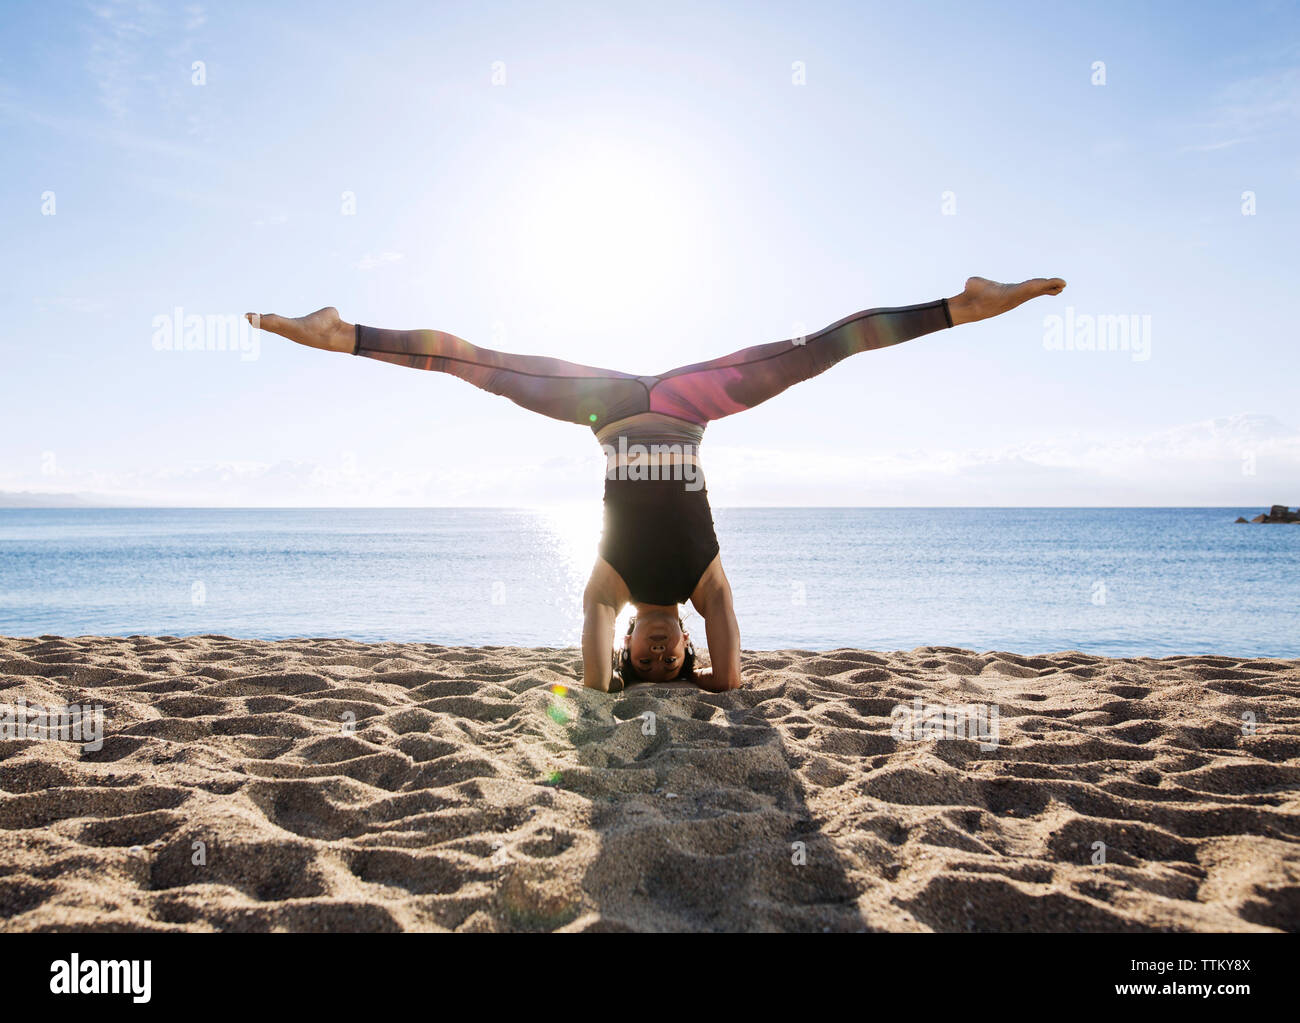 Mujer joven con piernas separadas realizar hacer el pino en la playa Imagen De Stock